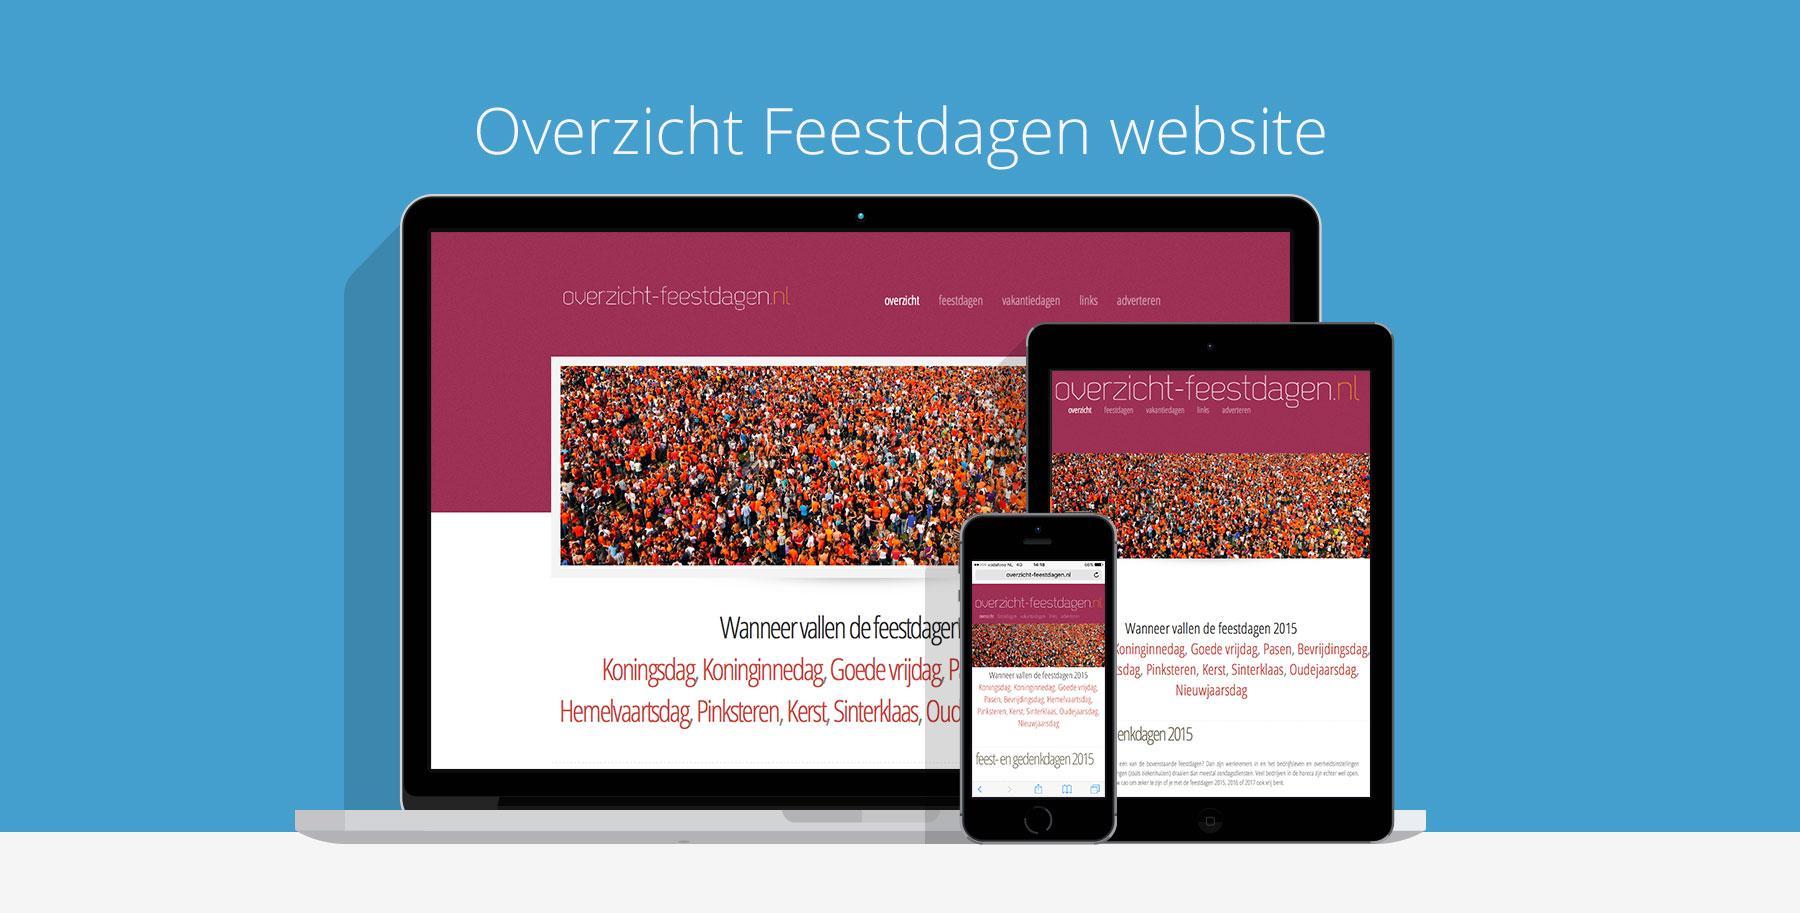 Overzicht van feestdagen website